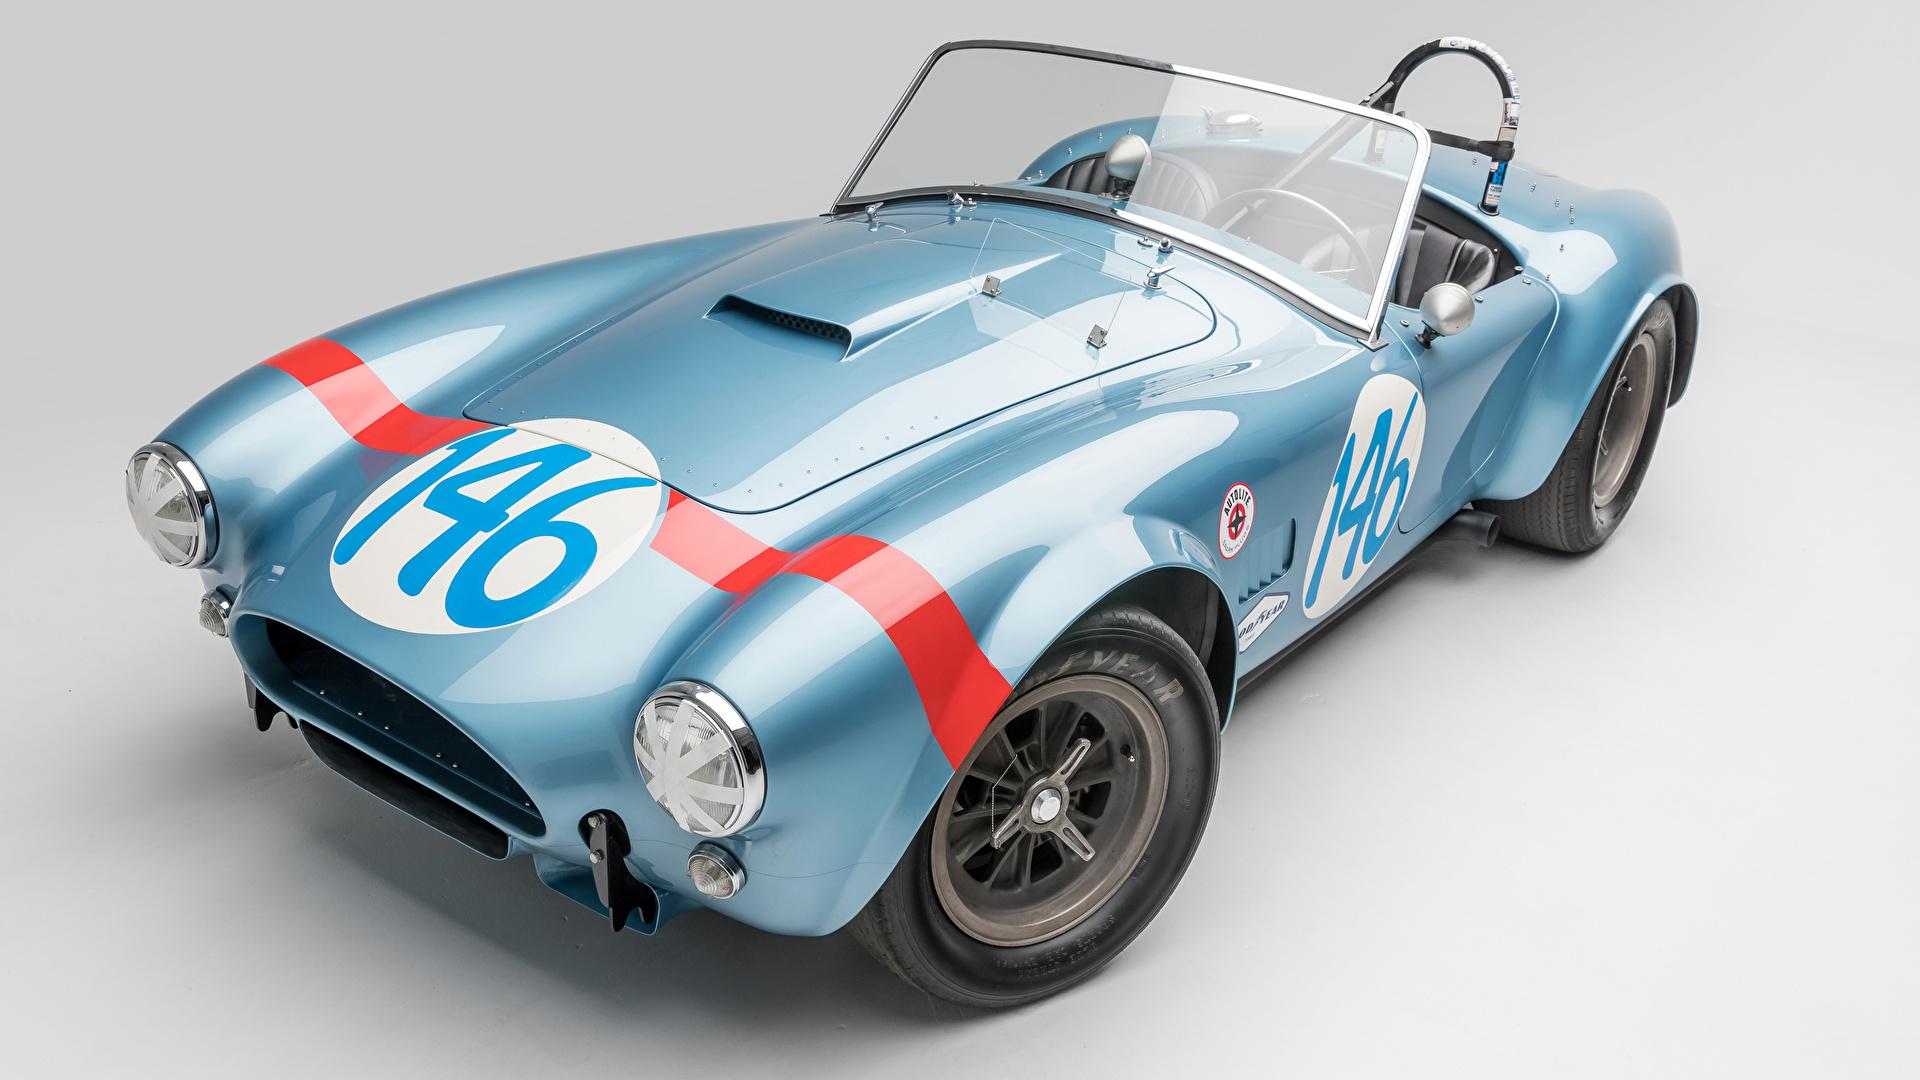 Фотографии SSC 1964 Shelby Cobra 289 FIA Competition Родстер кабриолета Винтаж голубая Автомобили Серый фон 1920x1080 Shelby Super Cars Кабриолет Ретро голубых голубые Голубой старинные Авто Машины